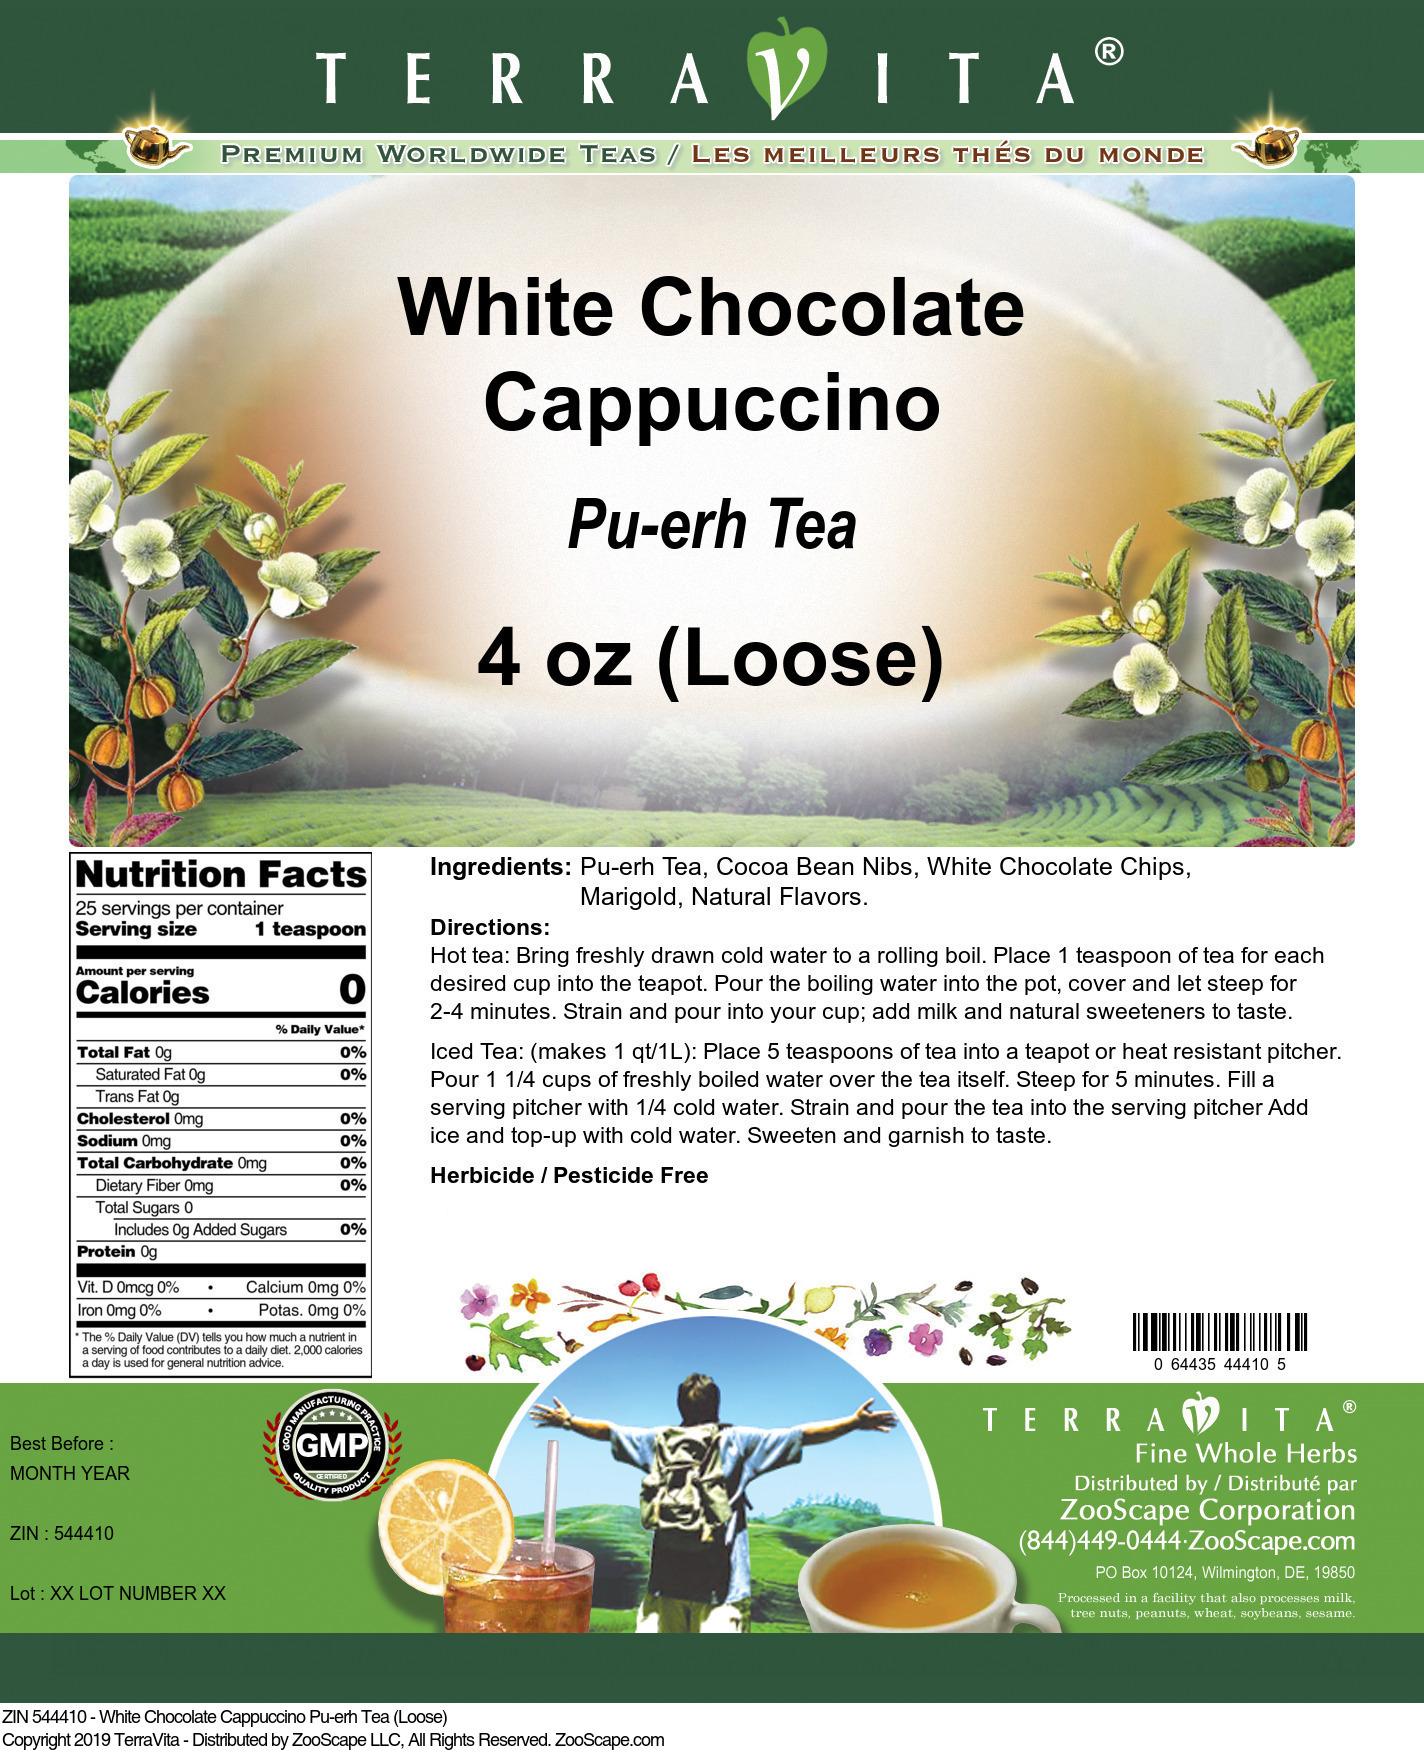 White Chocolate Cappuccino Pu-erh Tea (Loose)